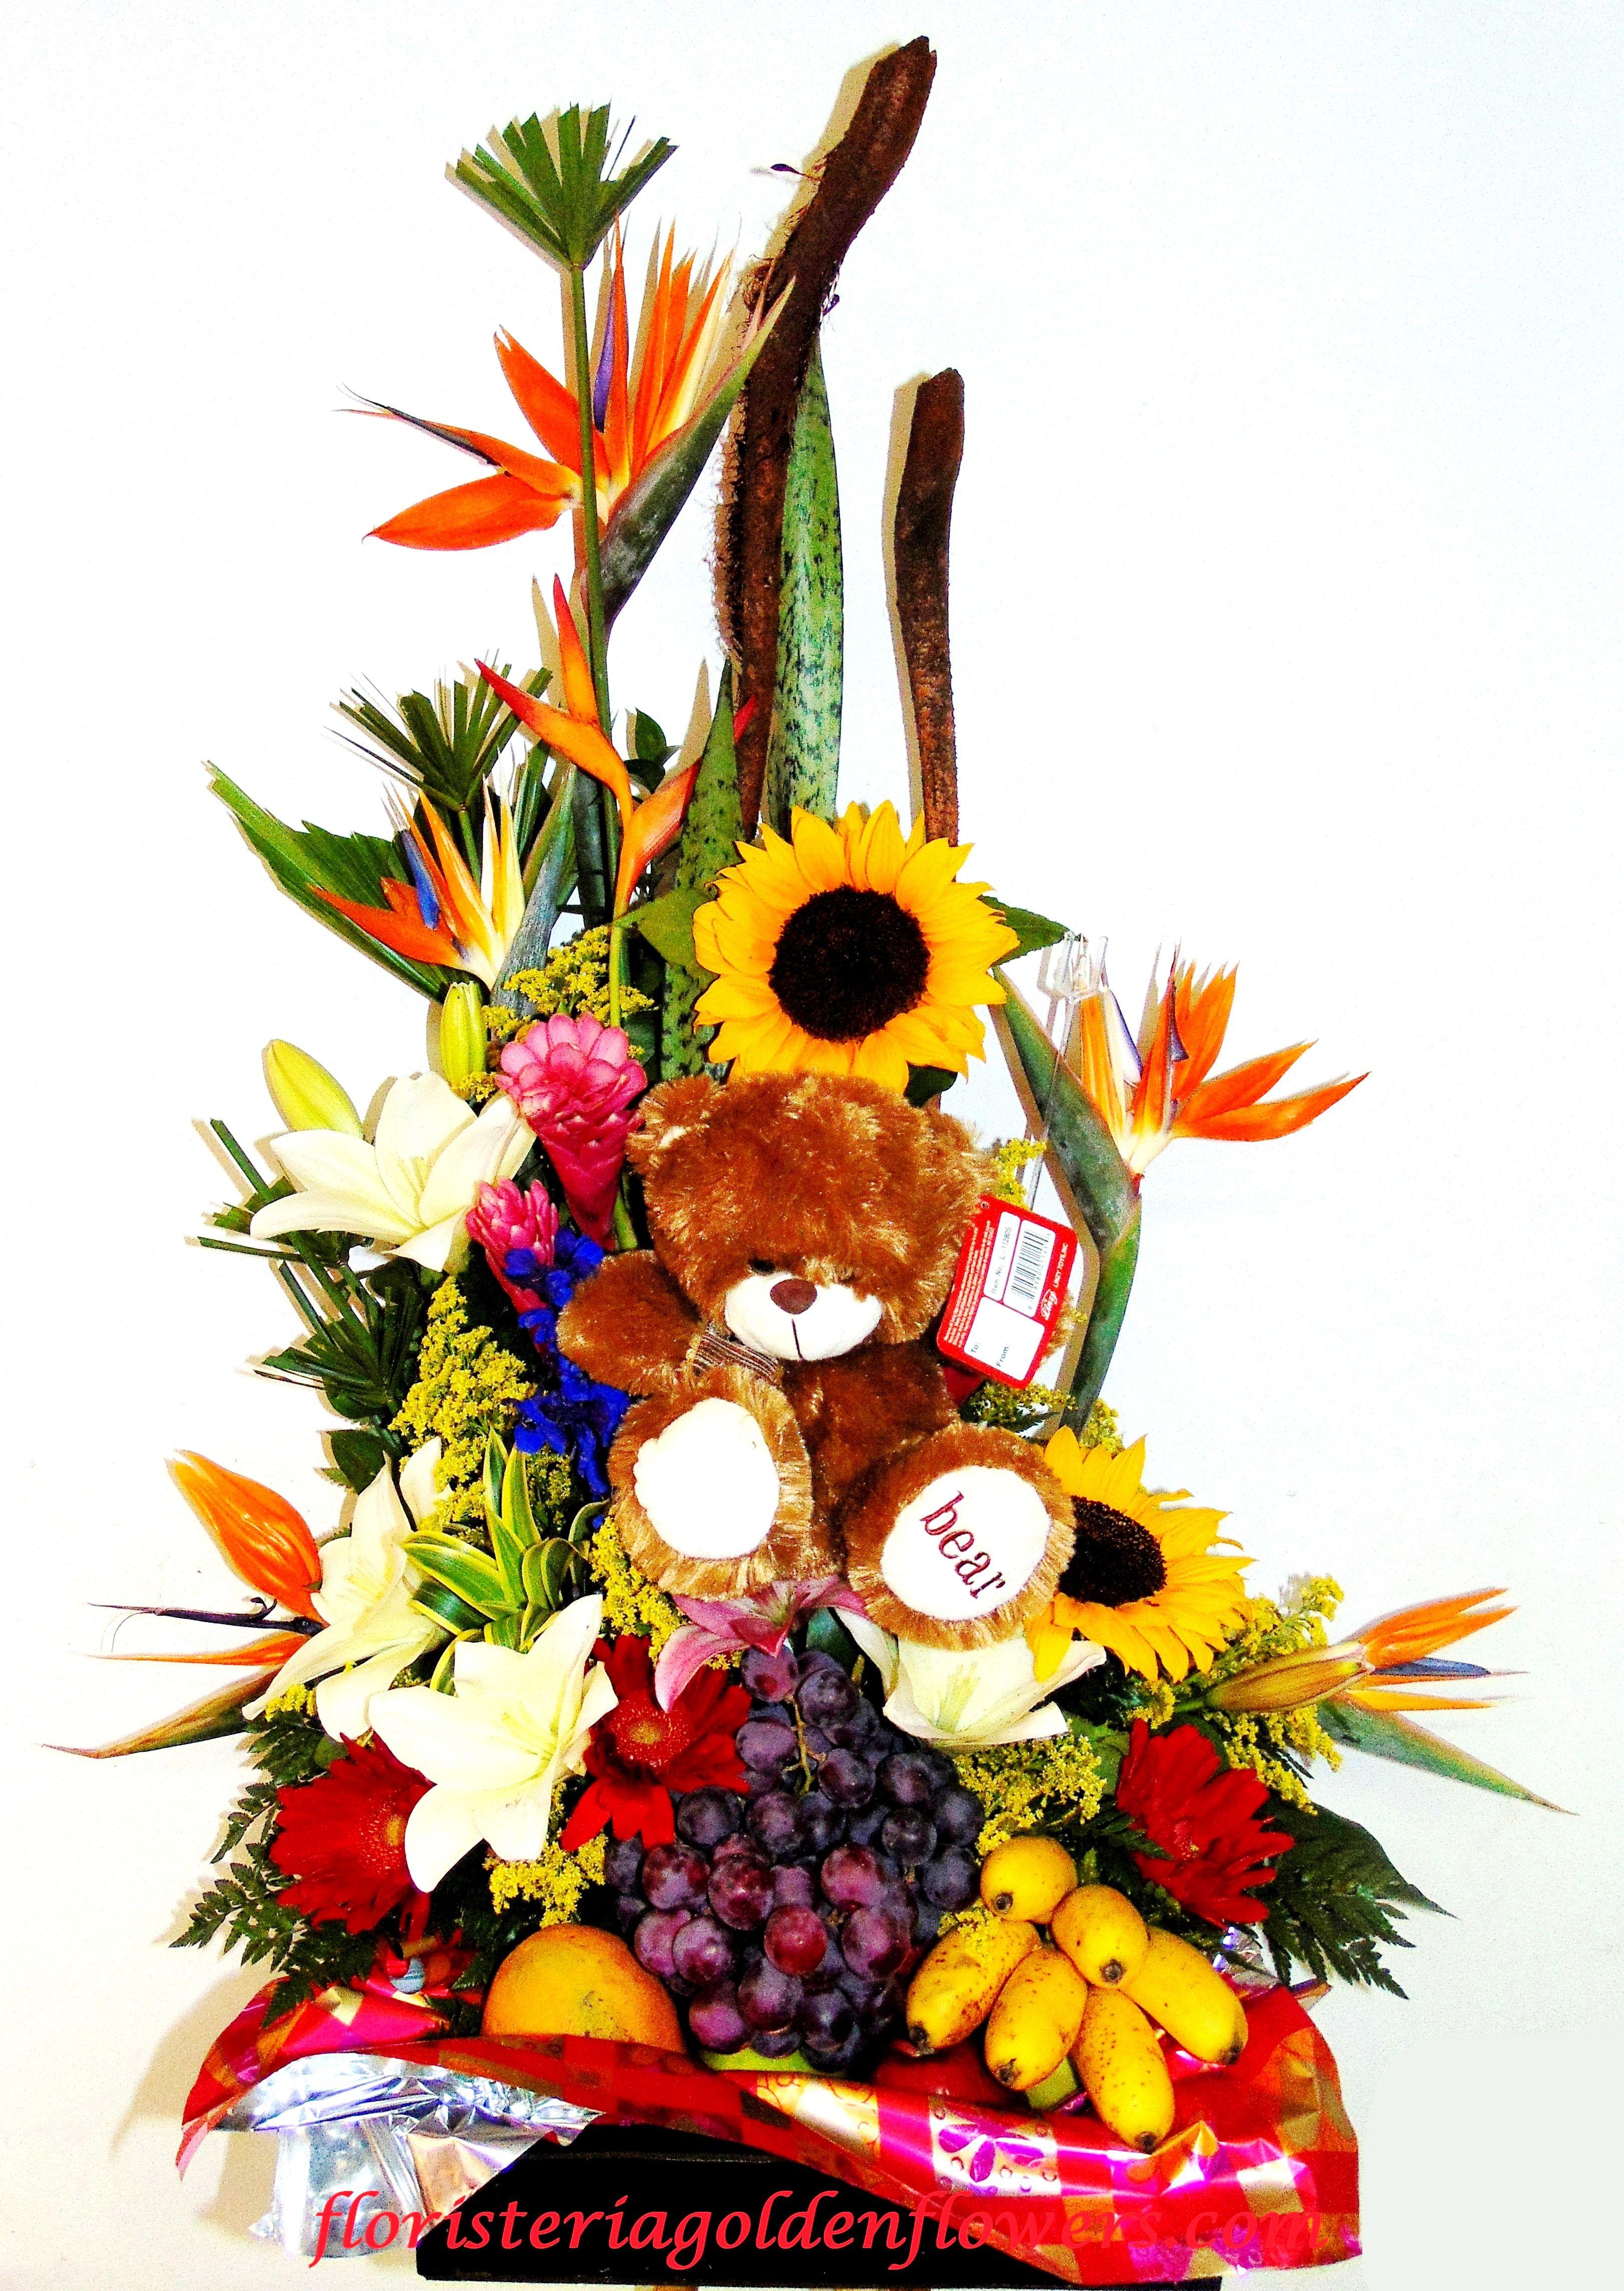 Fruteros F 07 Diseño En Frutas Y Flores Exoticas